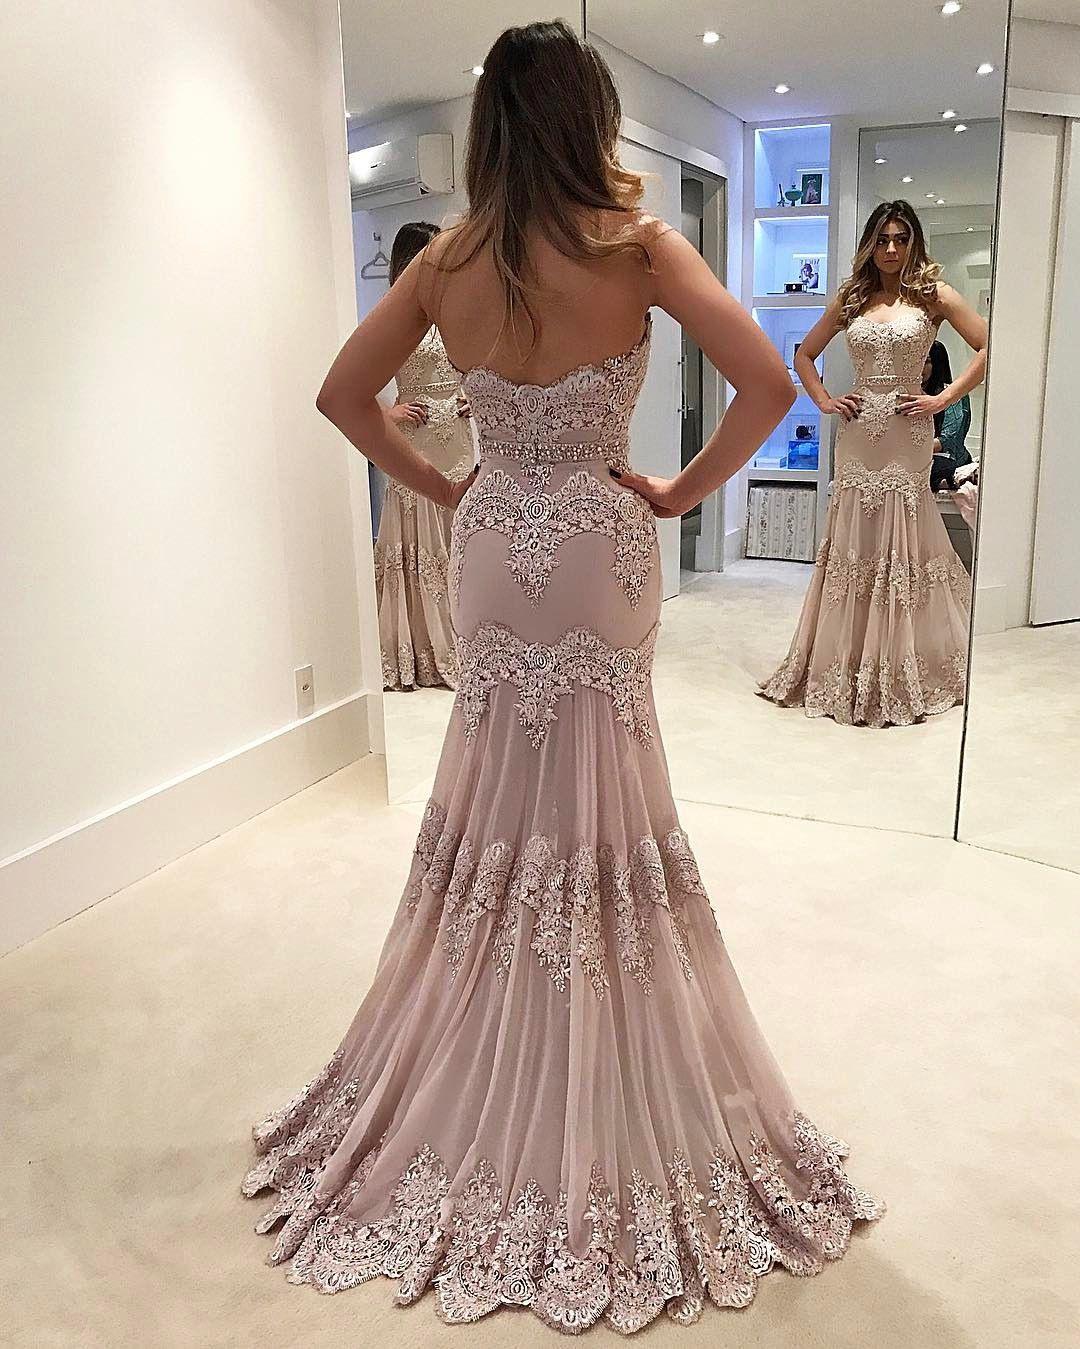 17 Luxurius Schöne Abendkleider Günstig Kaufen Galerie13 Einfach Schöne Abendkleider Günstig Kaufen Boutique